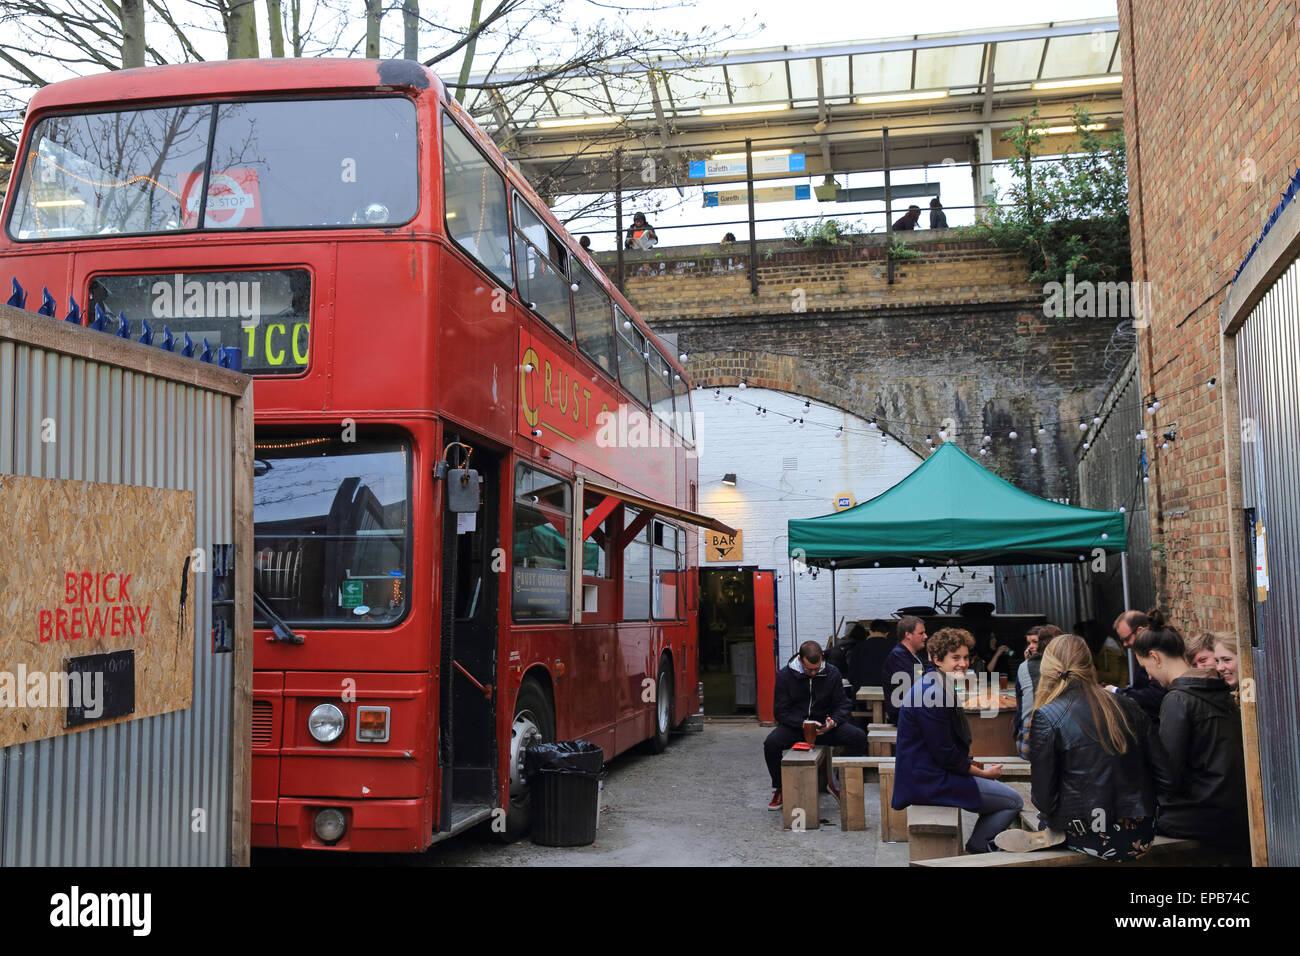 I bizzarri convertito bus conduttore crosta pop up ristorante, nel quartiere alla moda di Peckham Rye, in SE London, Immagini Stock